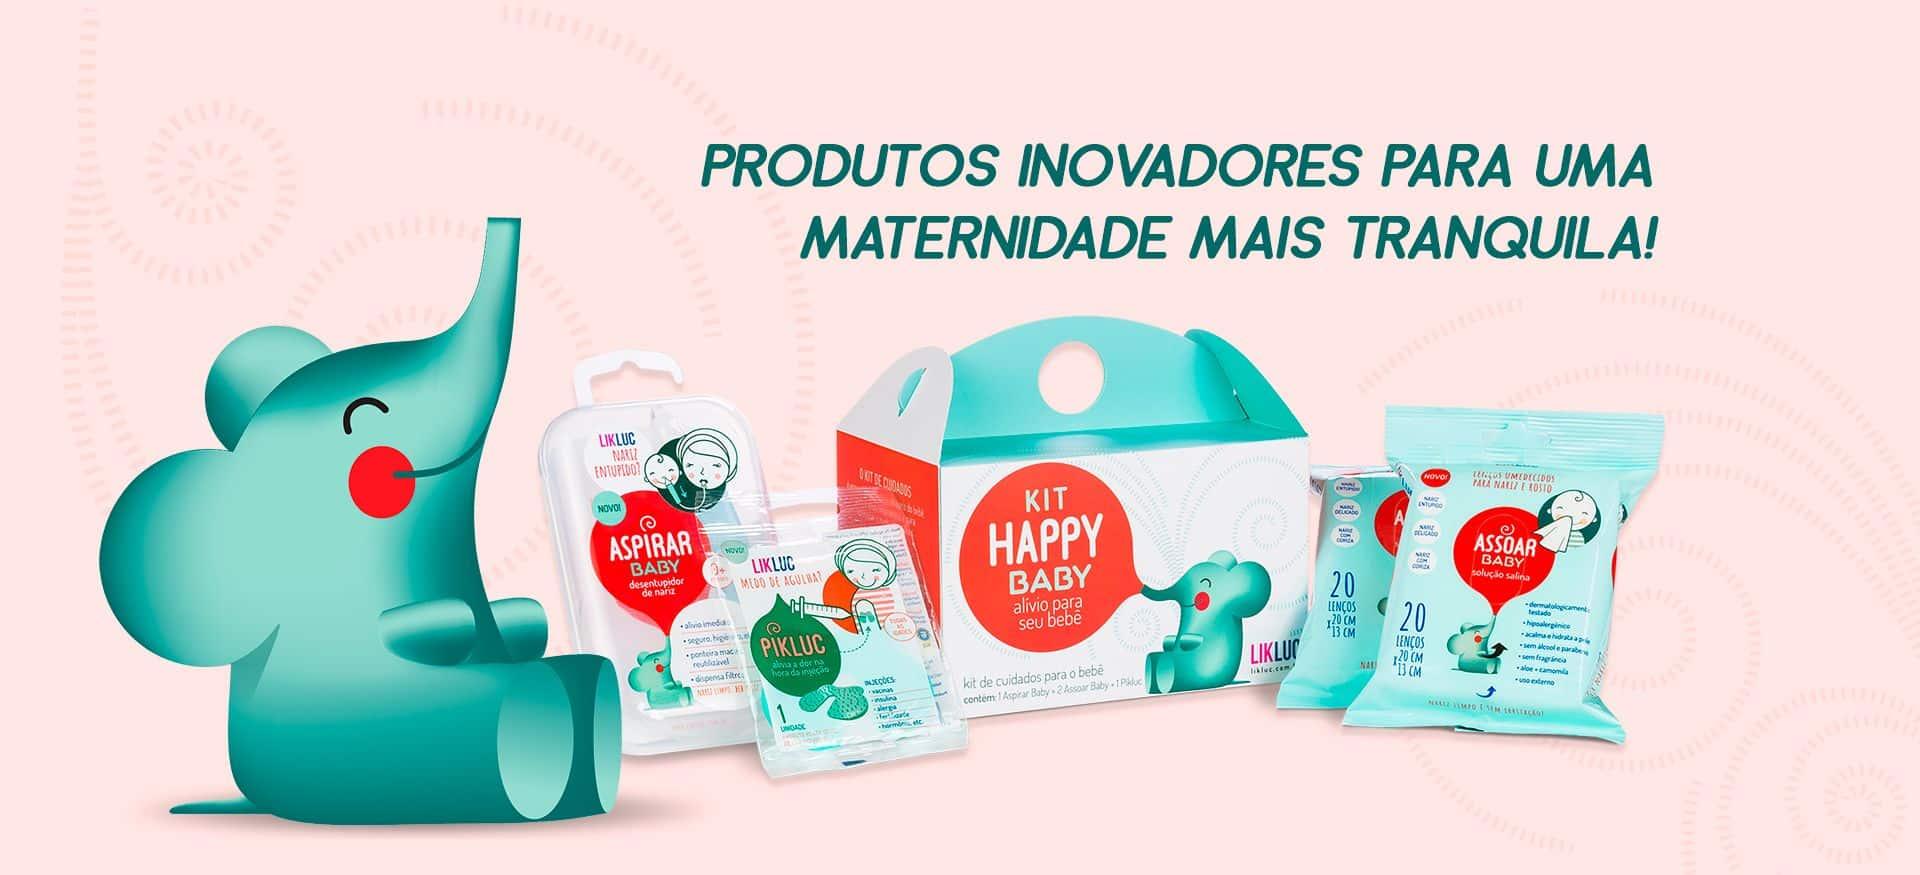 Likluc, produtos inovadores para uma maternidade mais tranquila